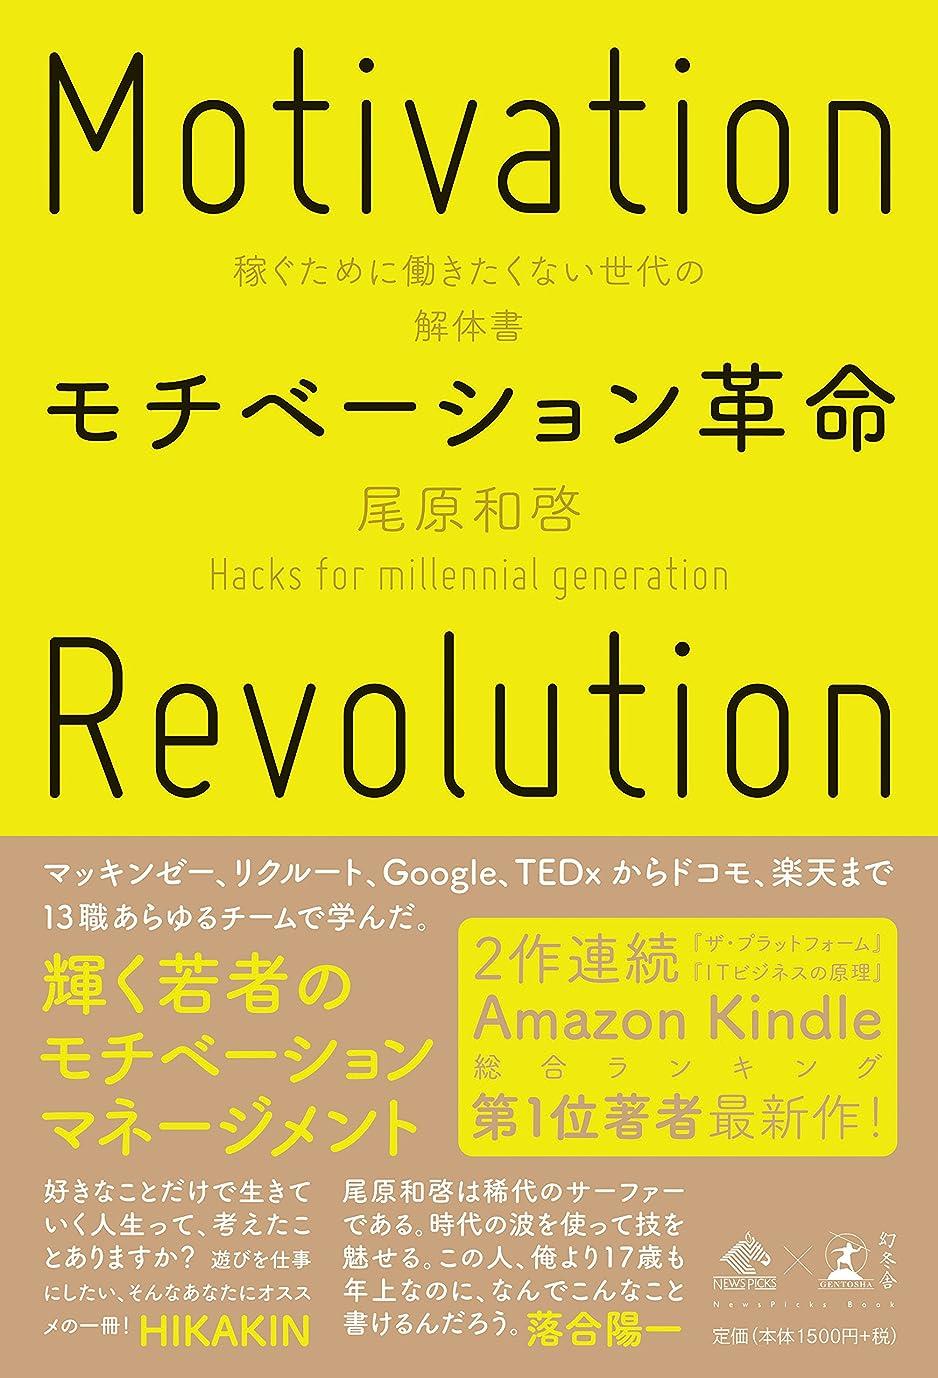 再発する同時食料品店モチベーション革命 稼ぐために働きたくない世代の解体書 (NewsPicks Book)